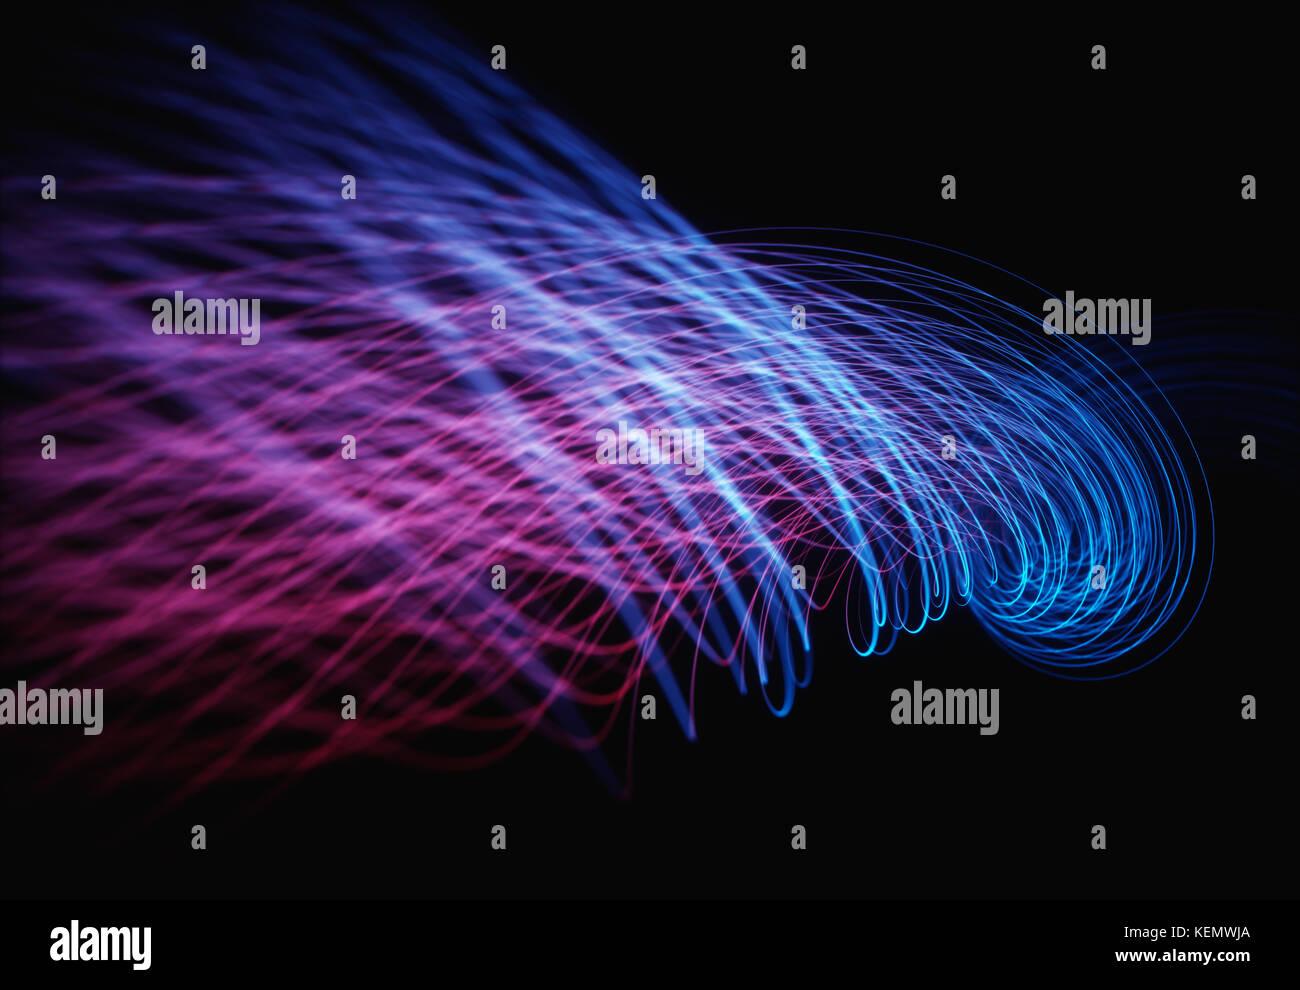 Ilustración 3d, líneas de energía que representan datos que pasan a través de la cloud computing. Imagen De Stock